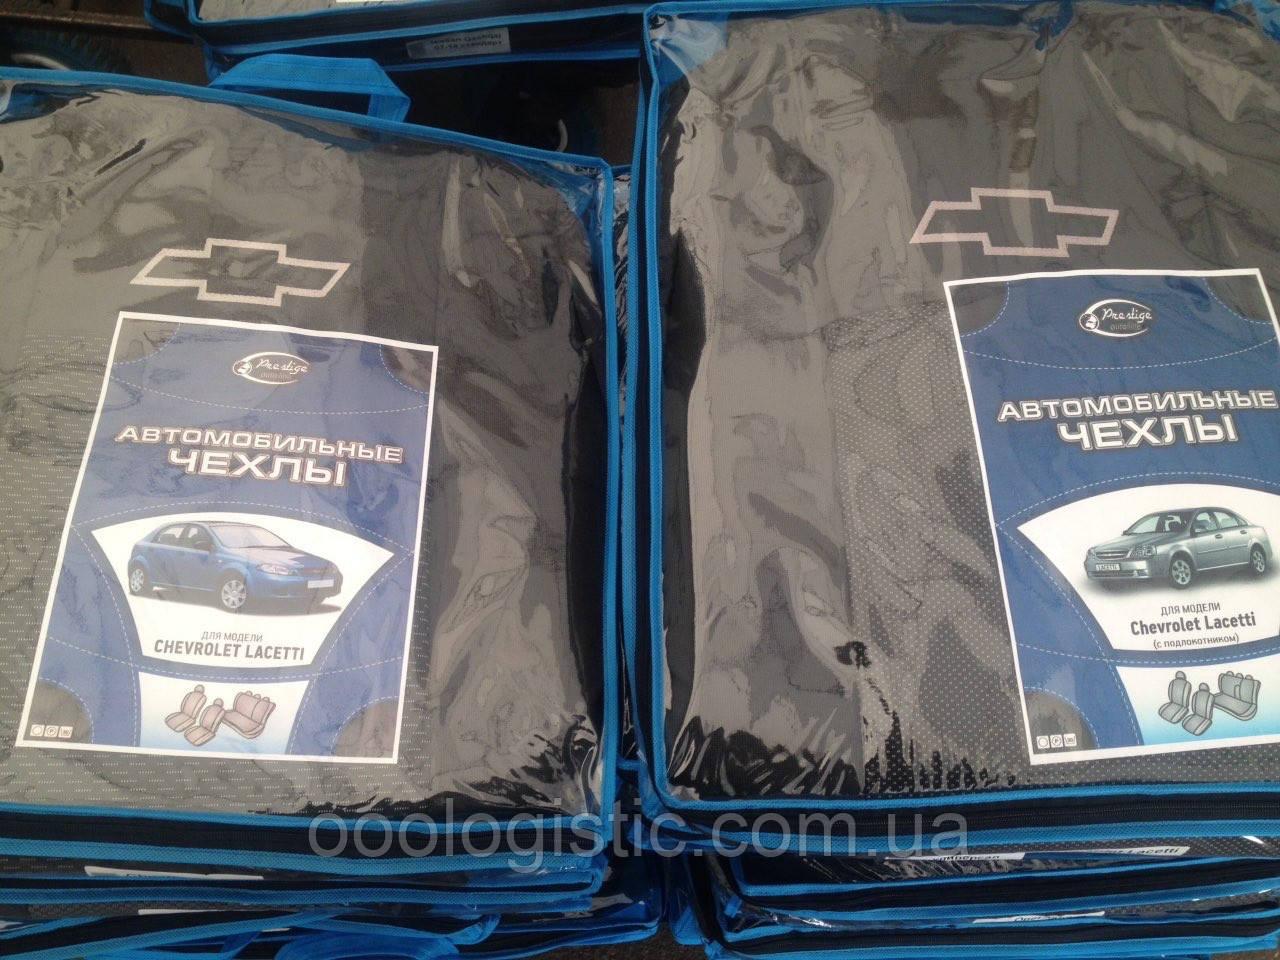 Авточехлы Prestige на Chevrolet Lacetti,Шевроле Лачетти модельный комплект